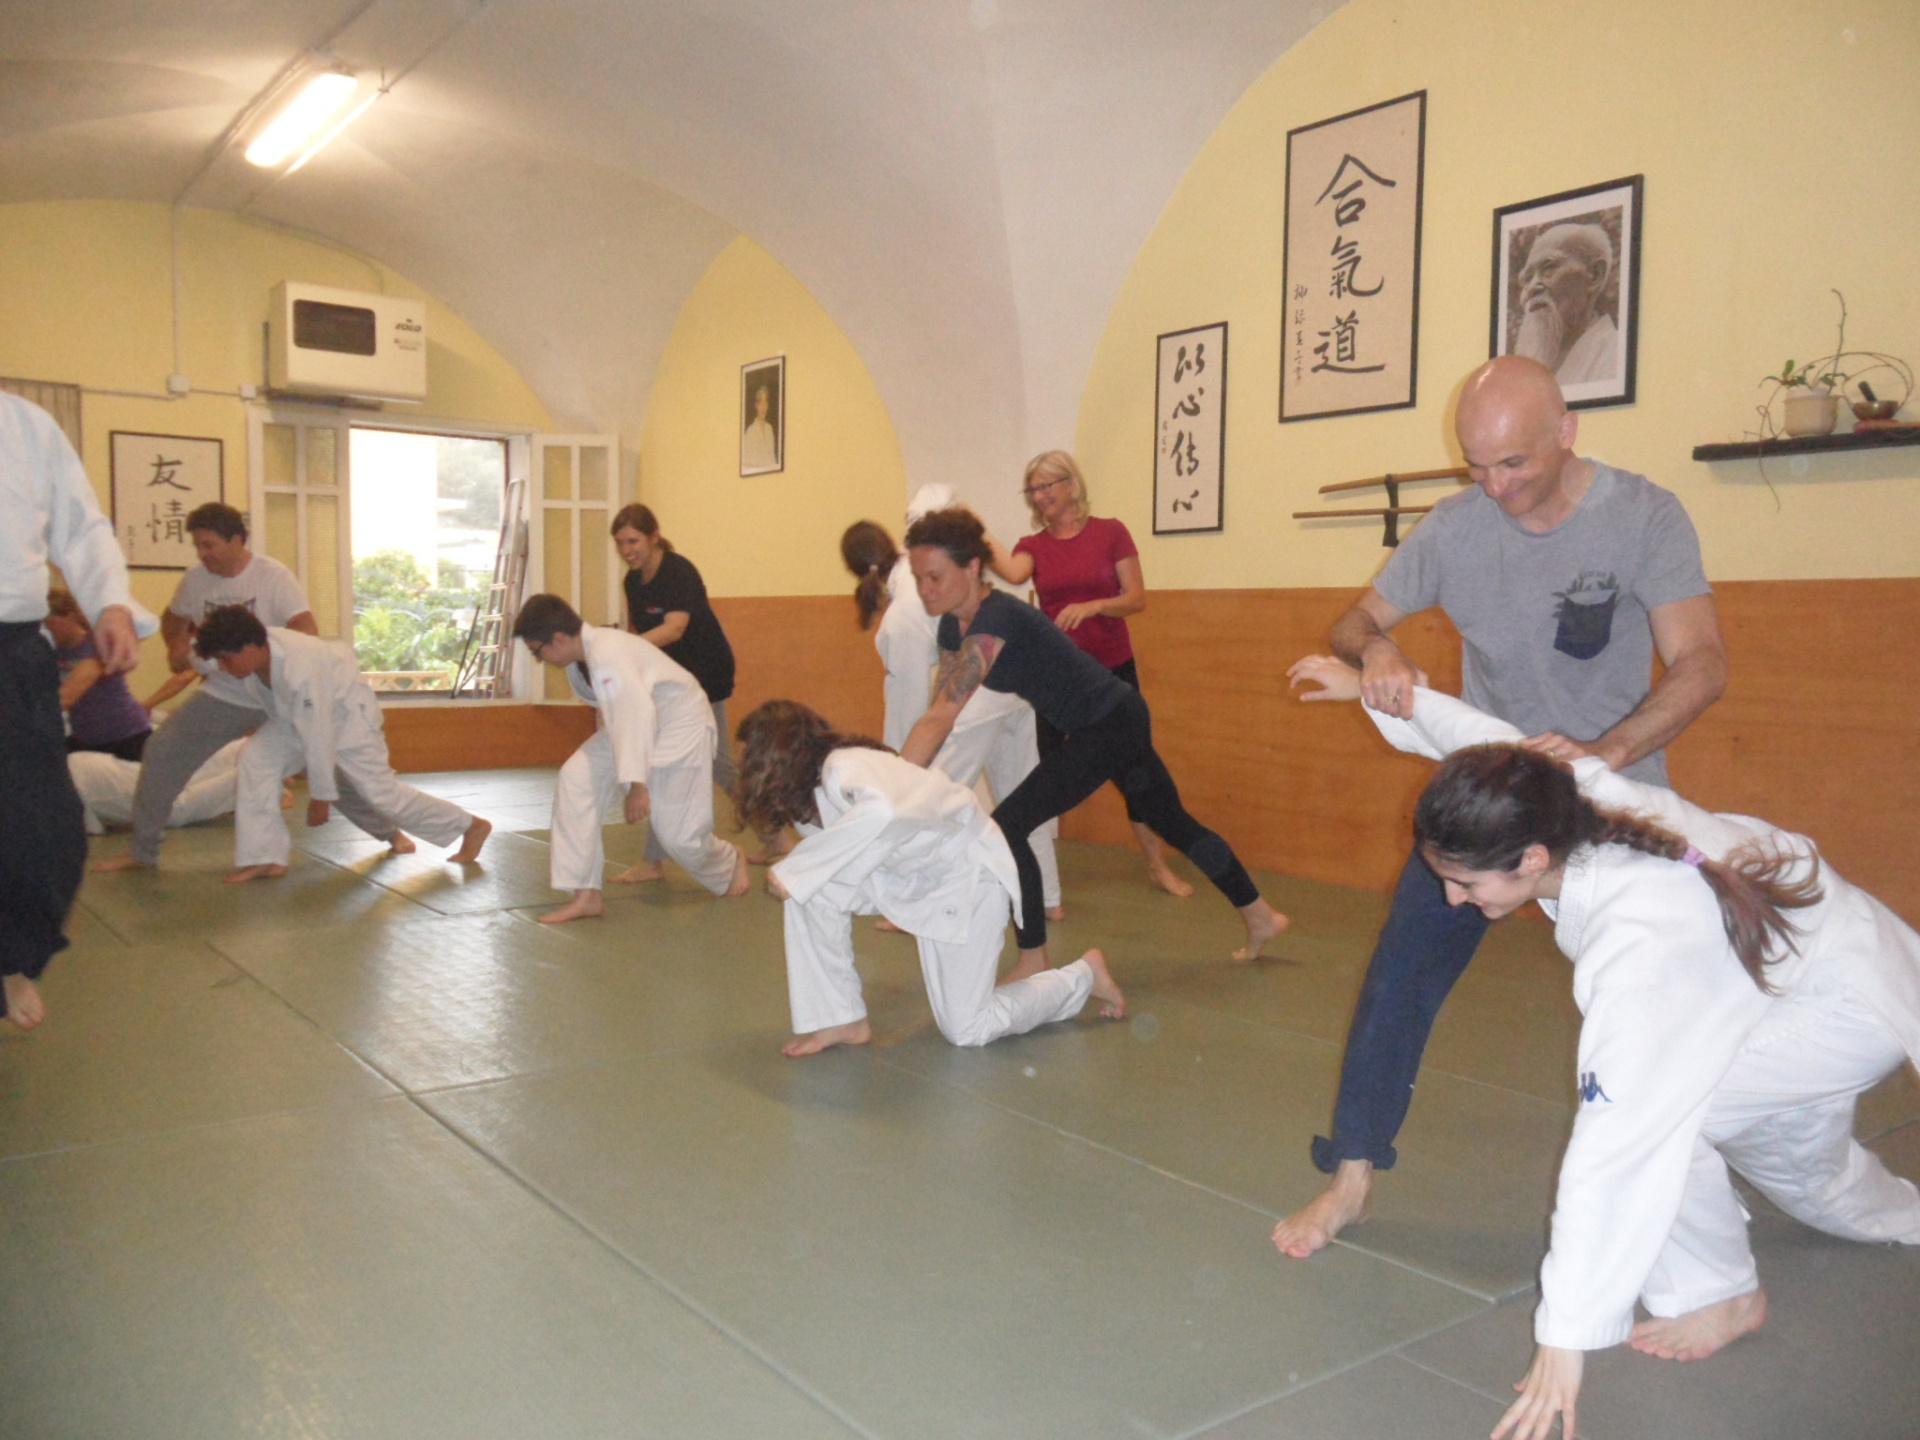 ... e quelli un pò meno giovani (e principianti) samurai!<br><br>